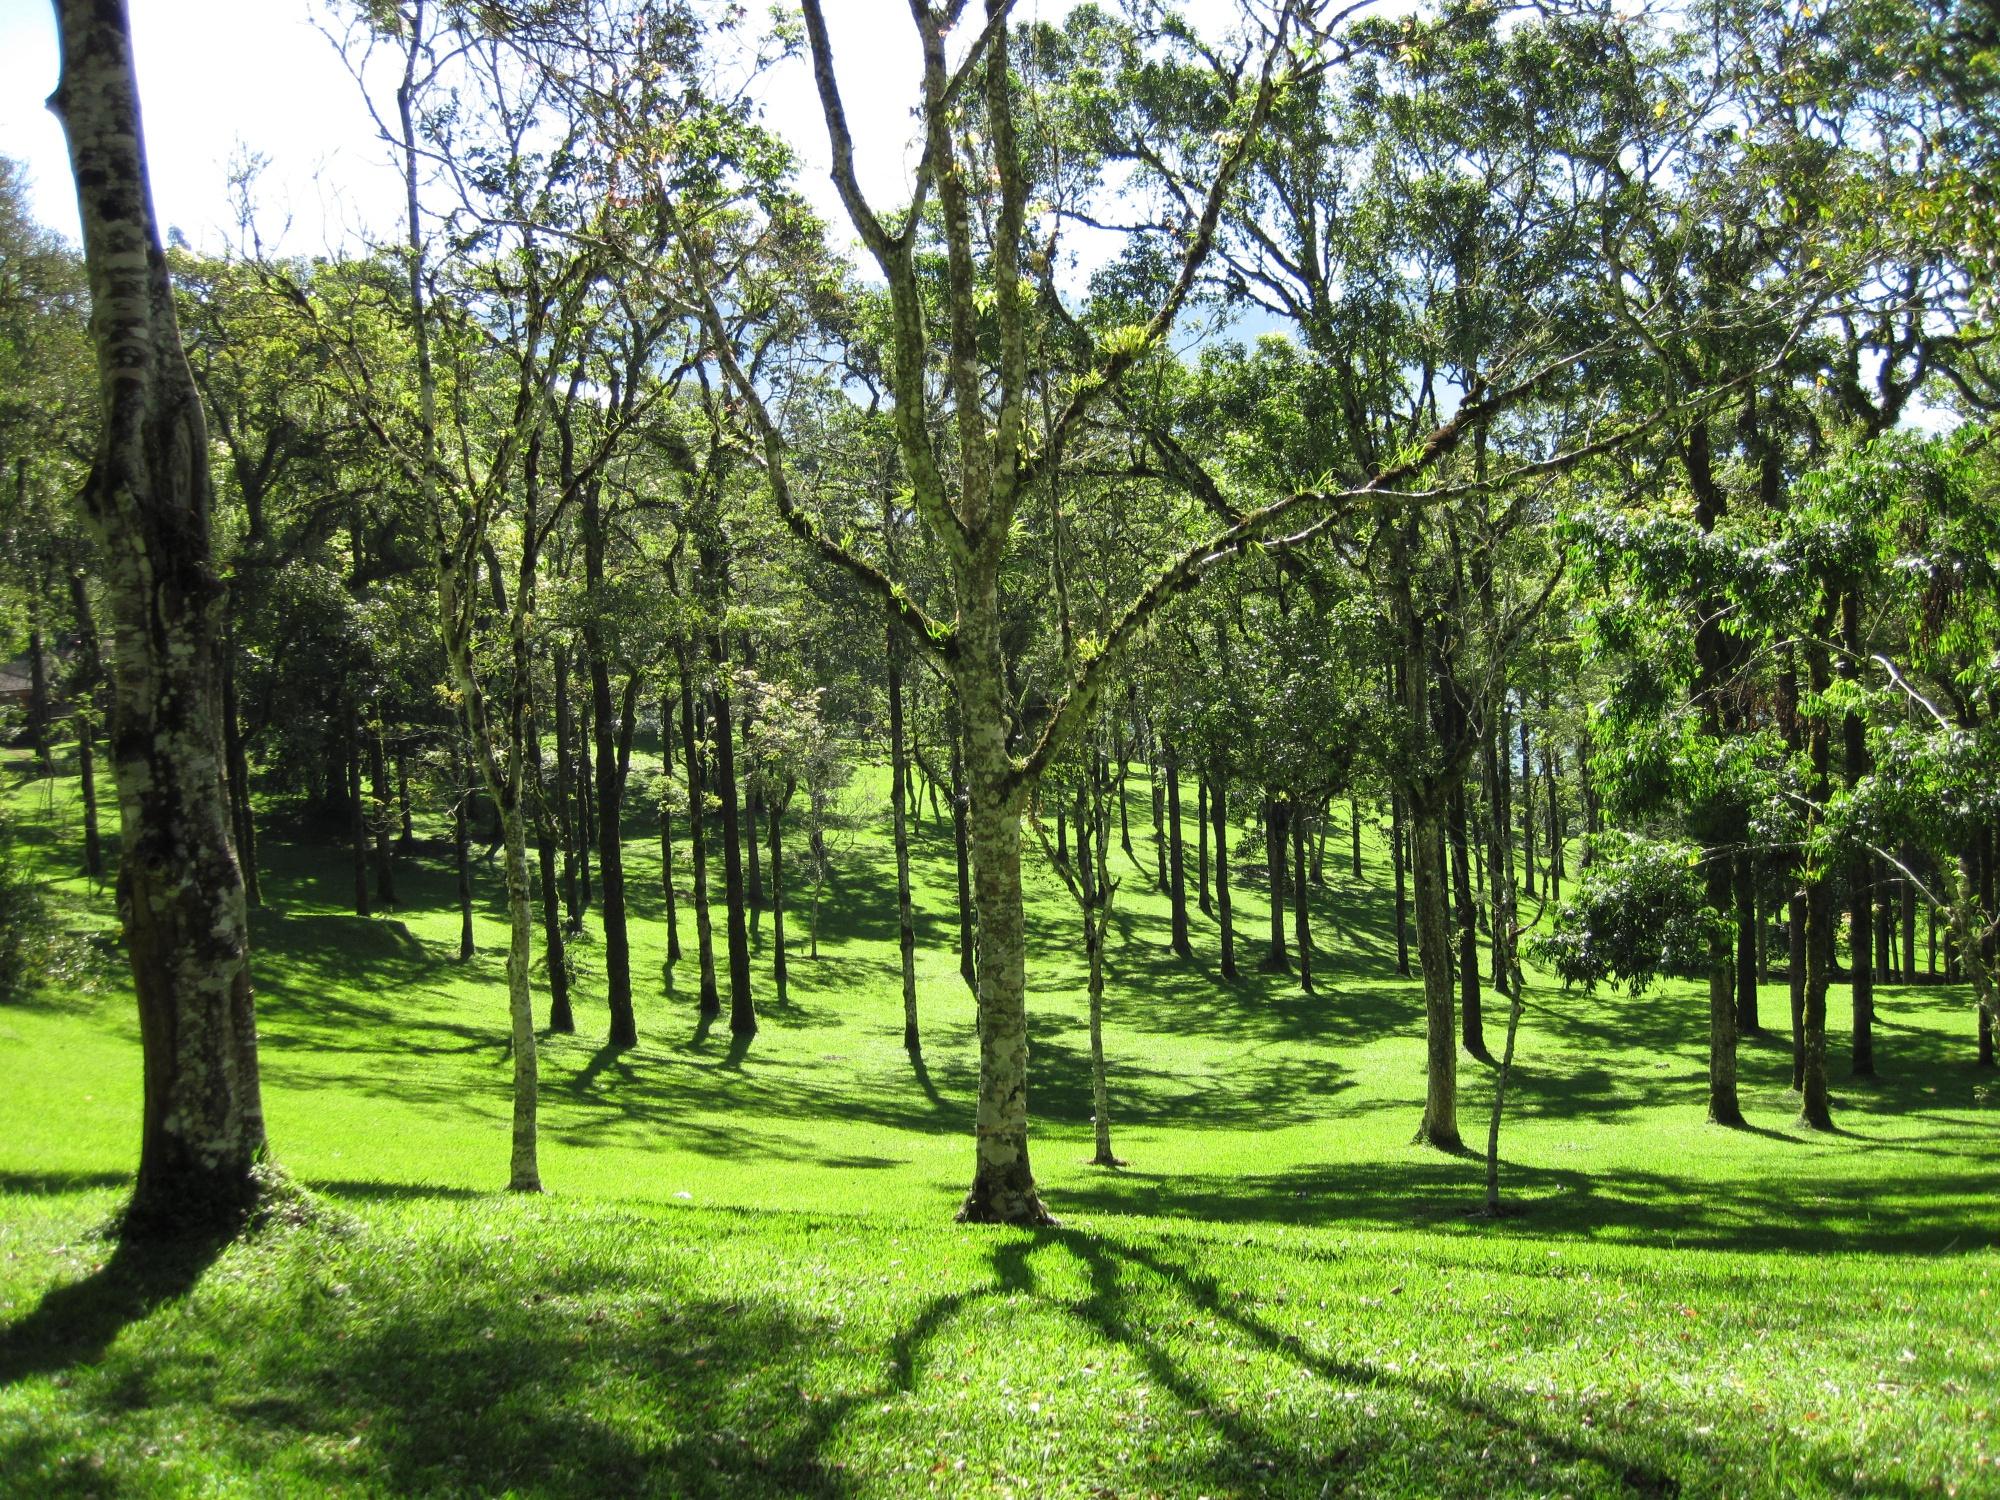 Jardin botanique de Bali